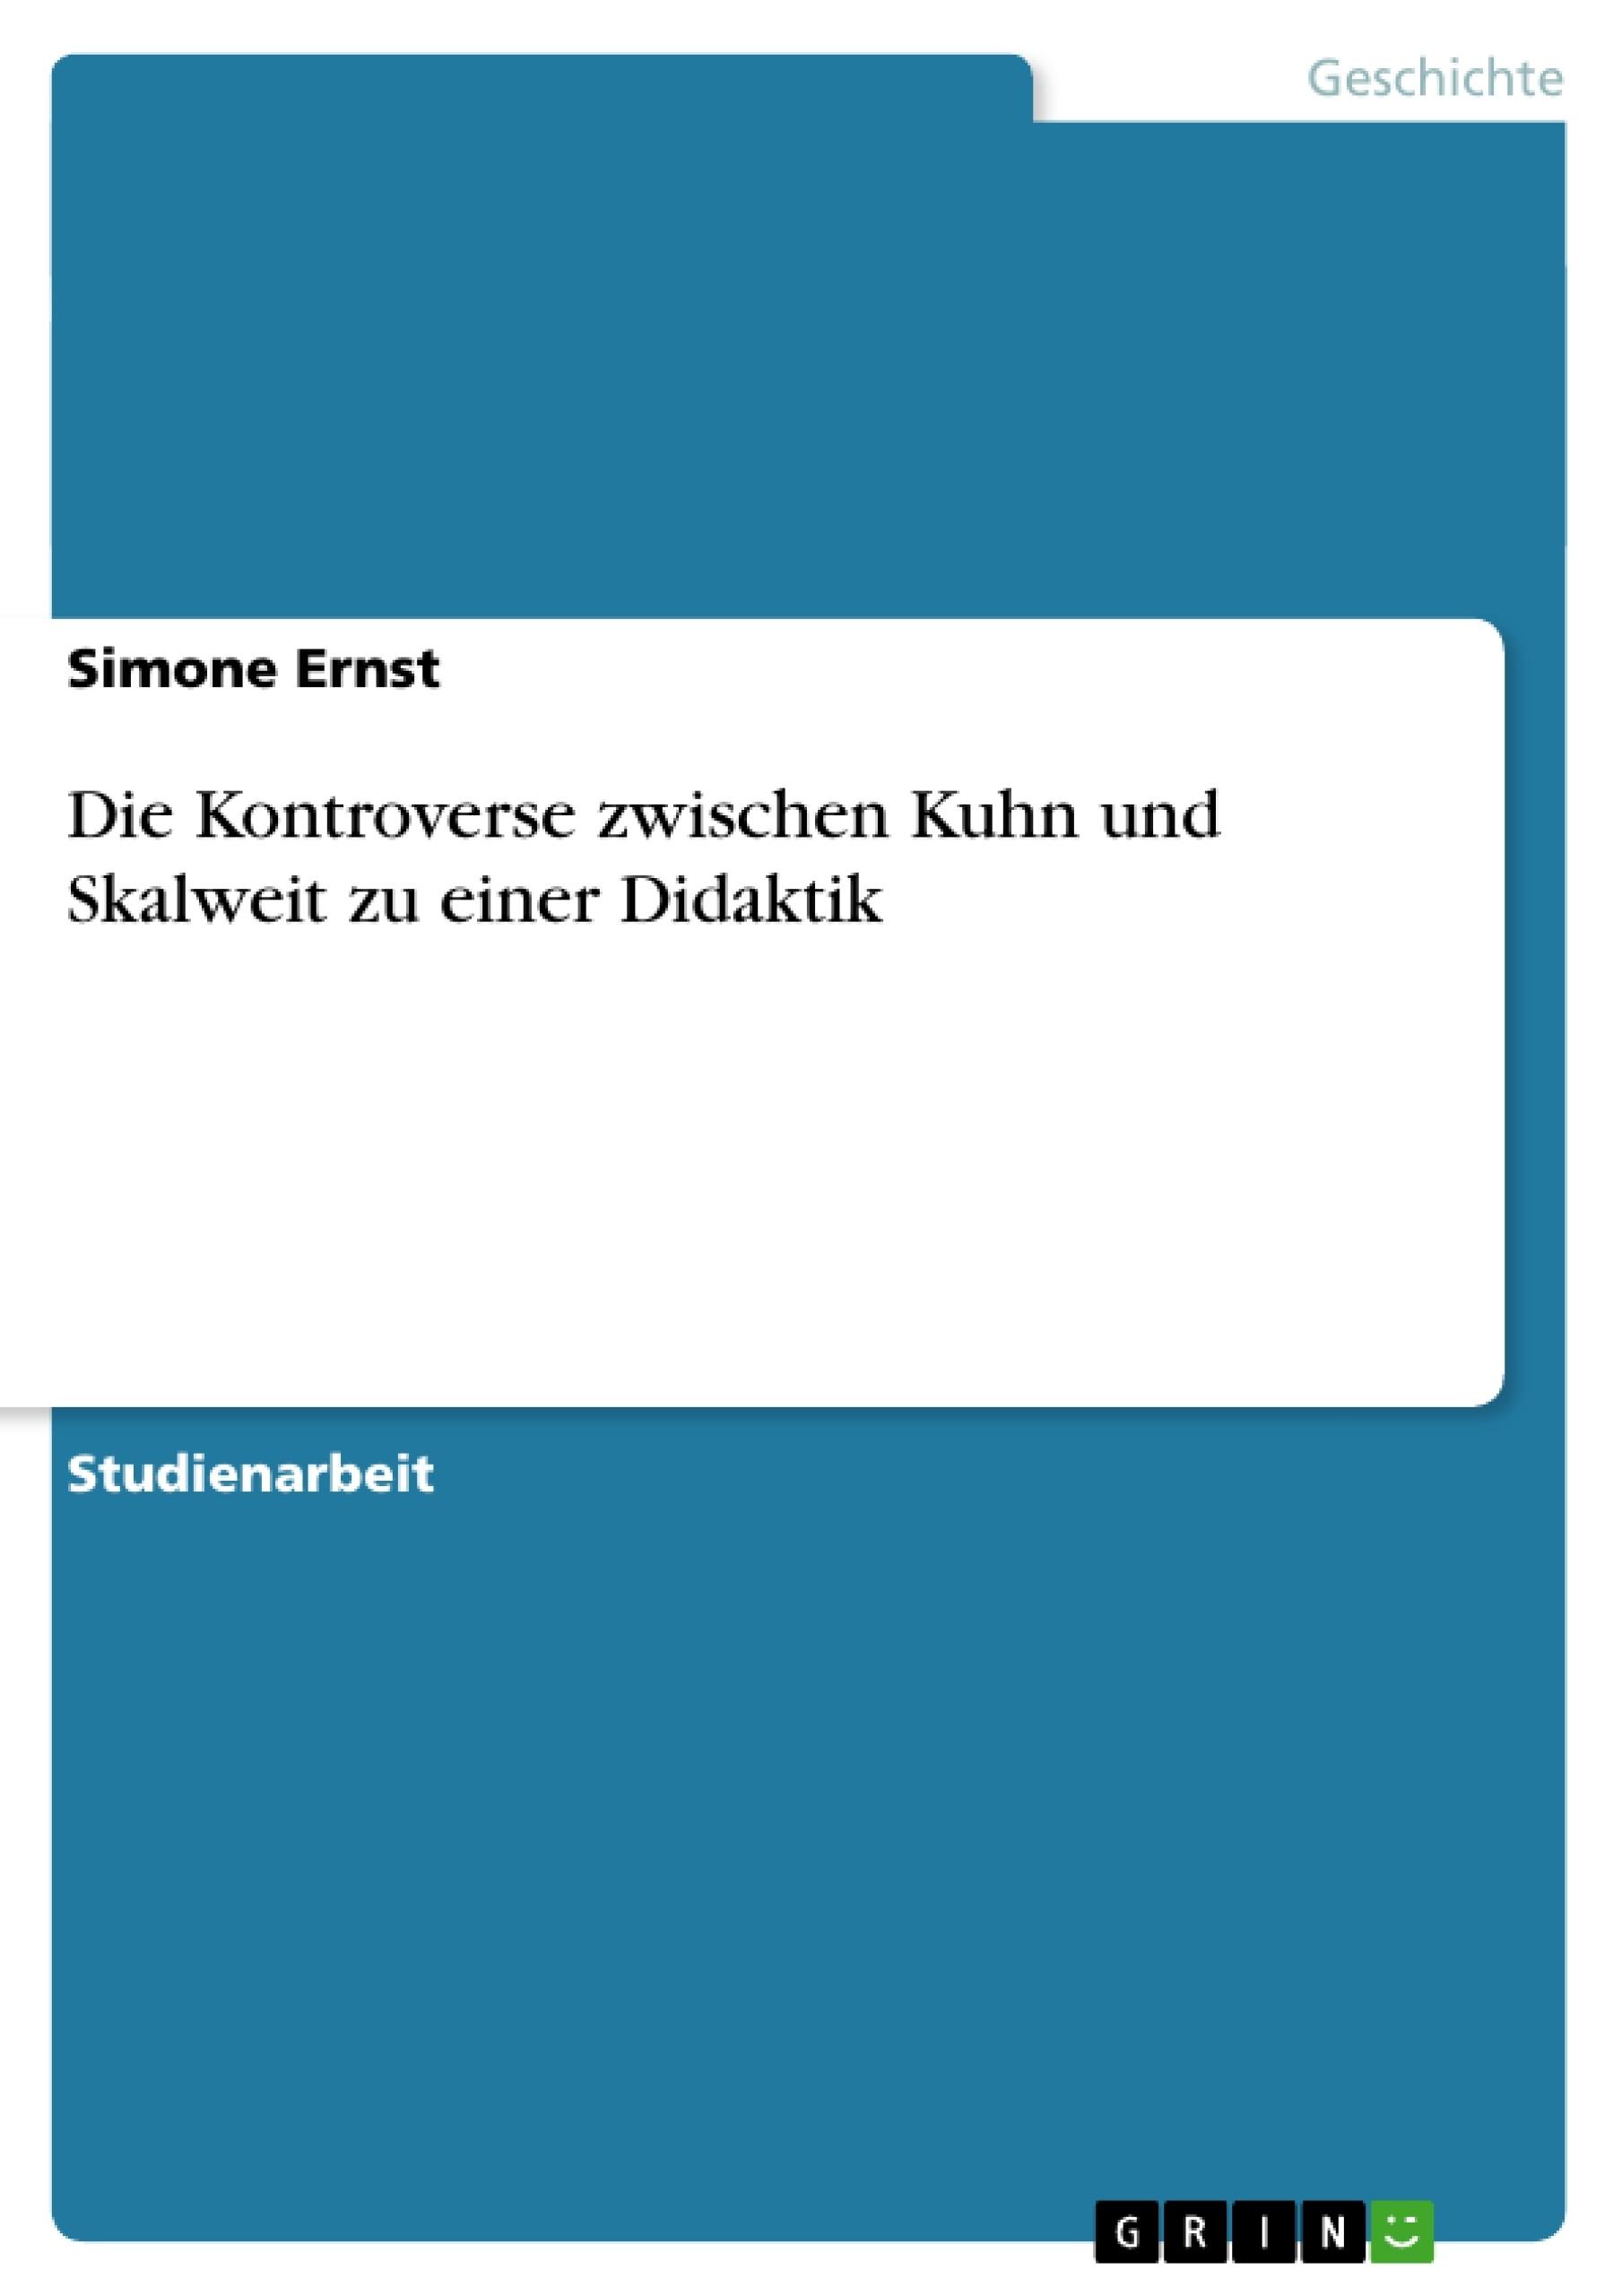 Titel: Die Kontroverse zwischen Kuhn und Skalweit zu einer Didaktik